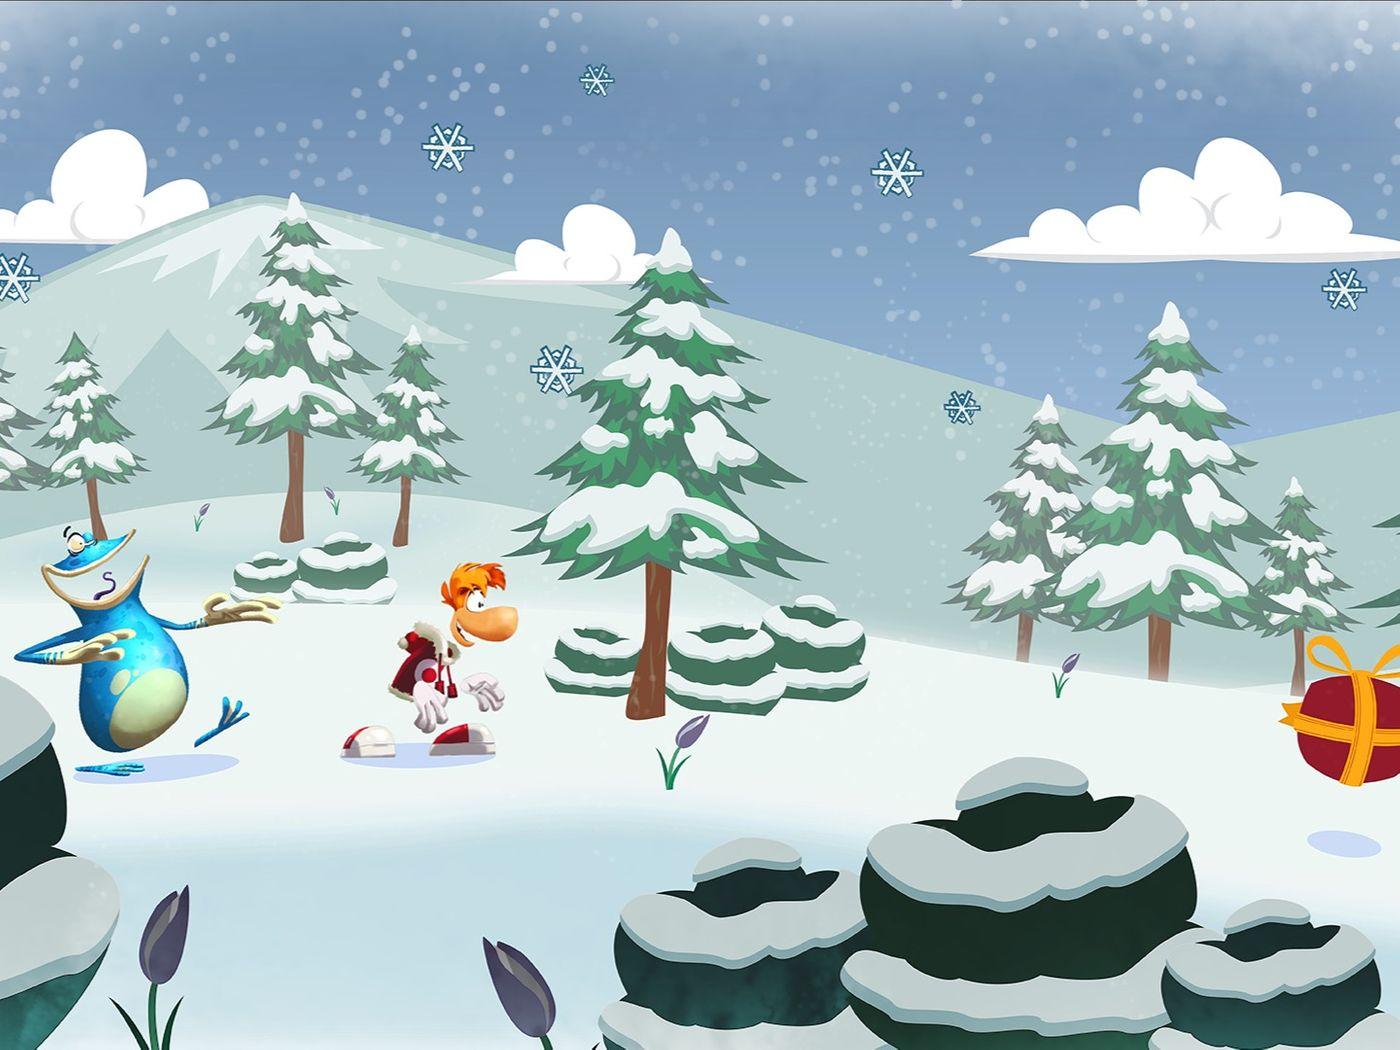 The frozen quest